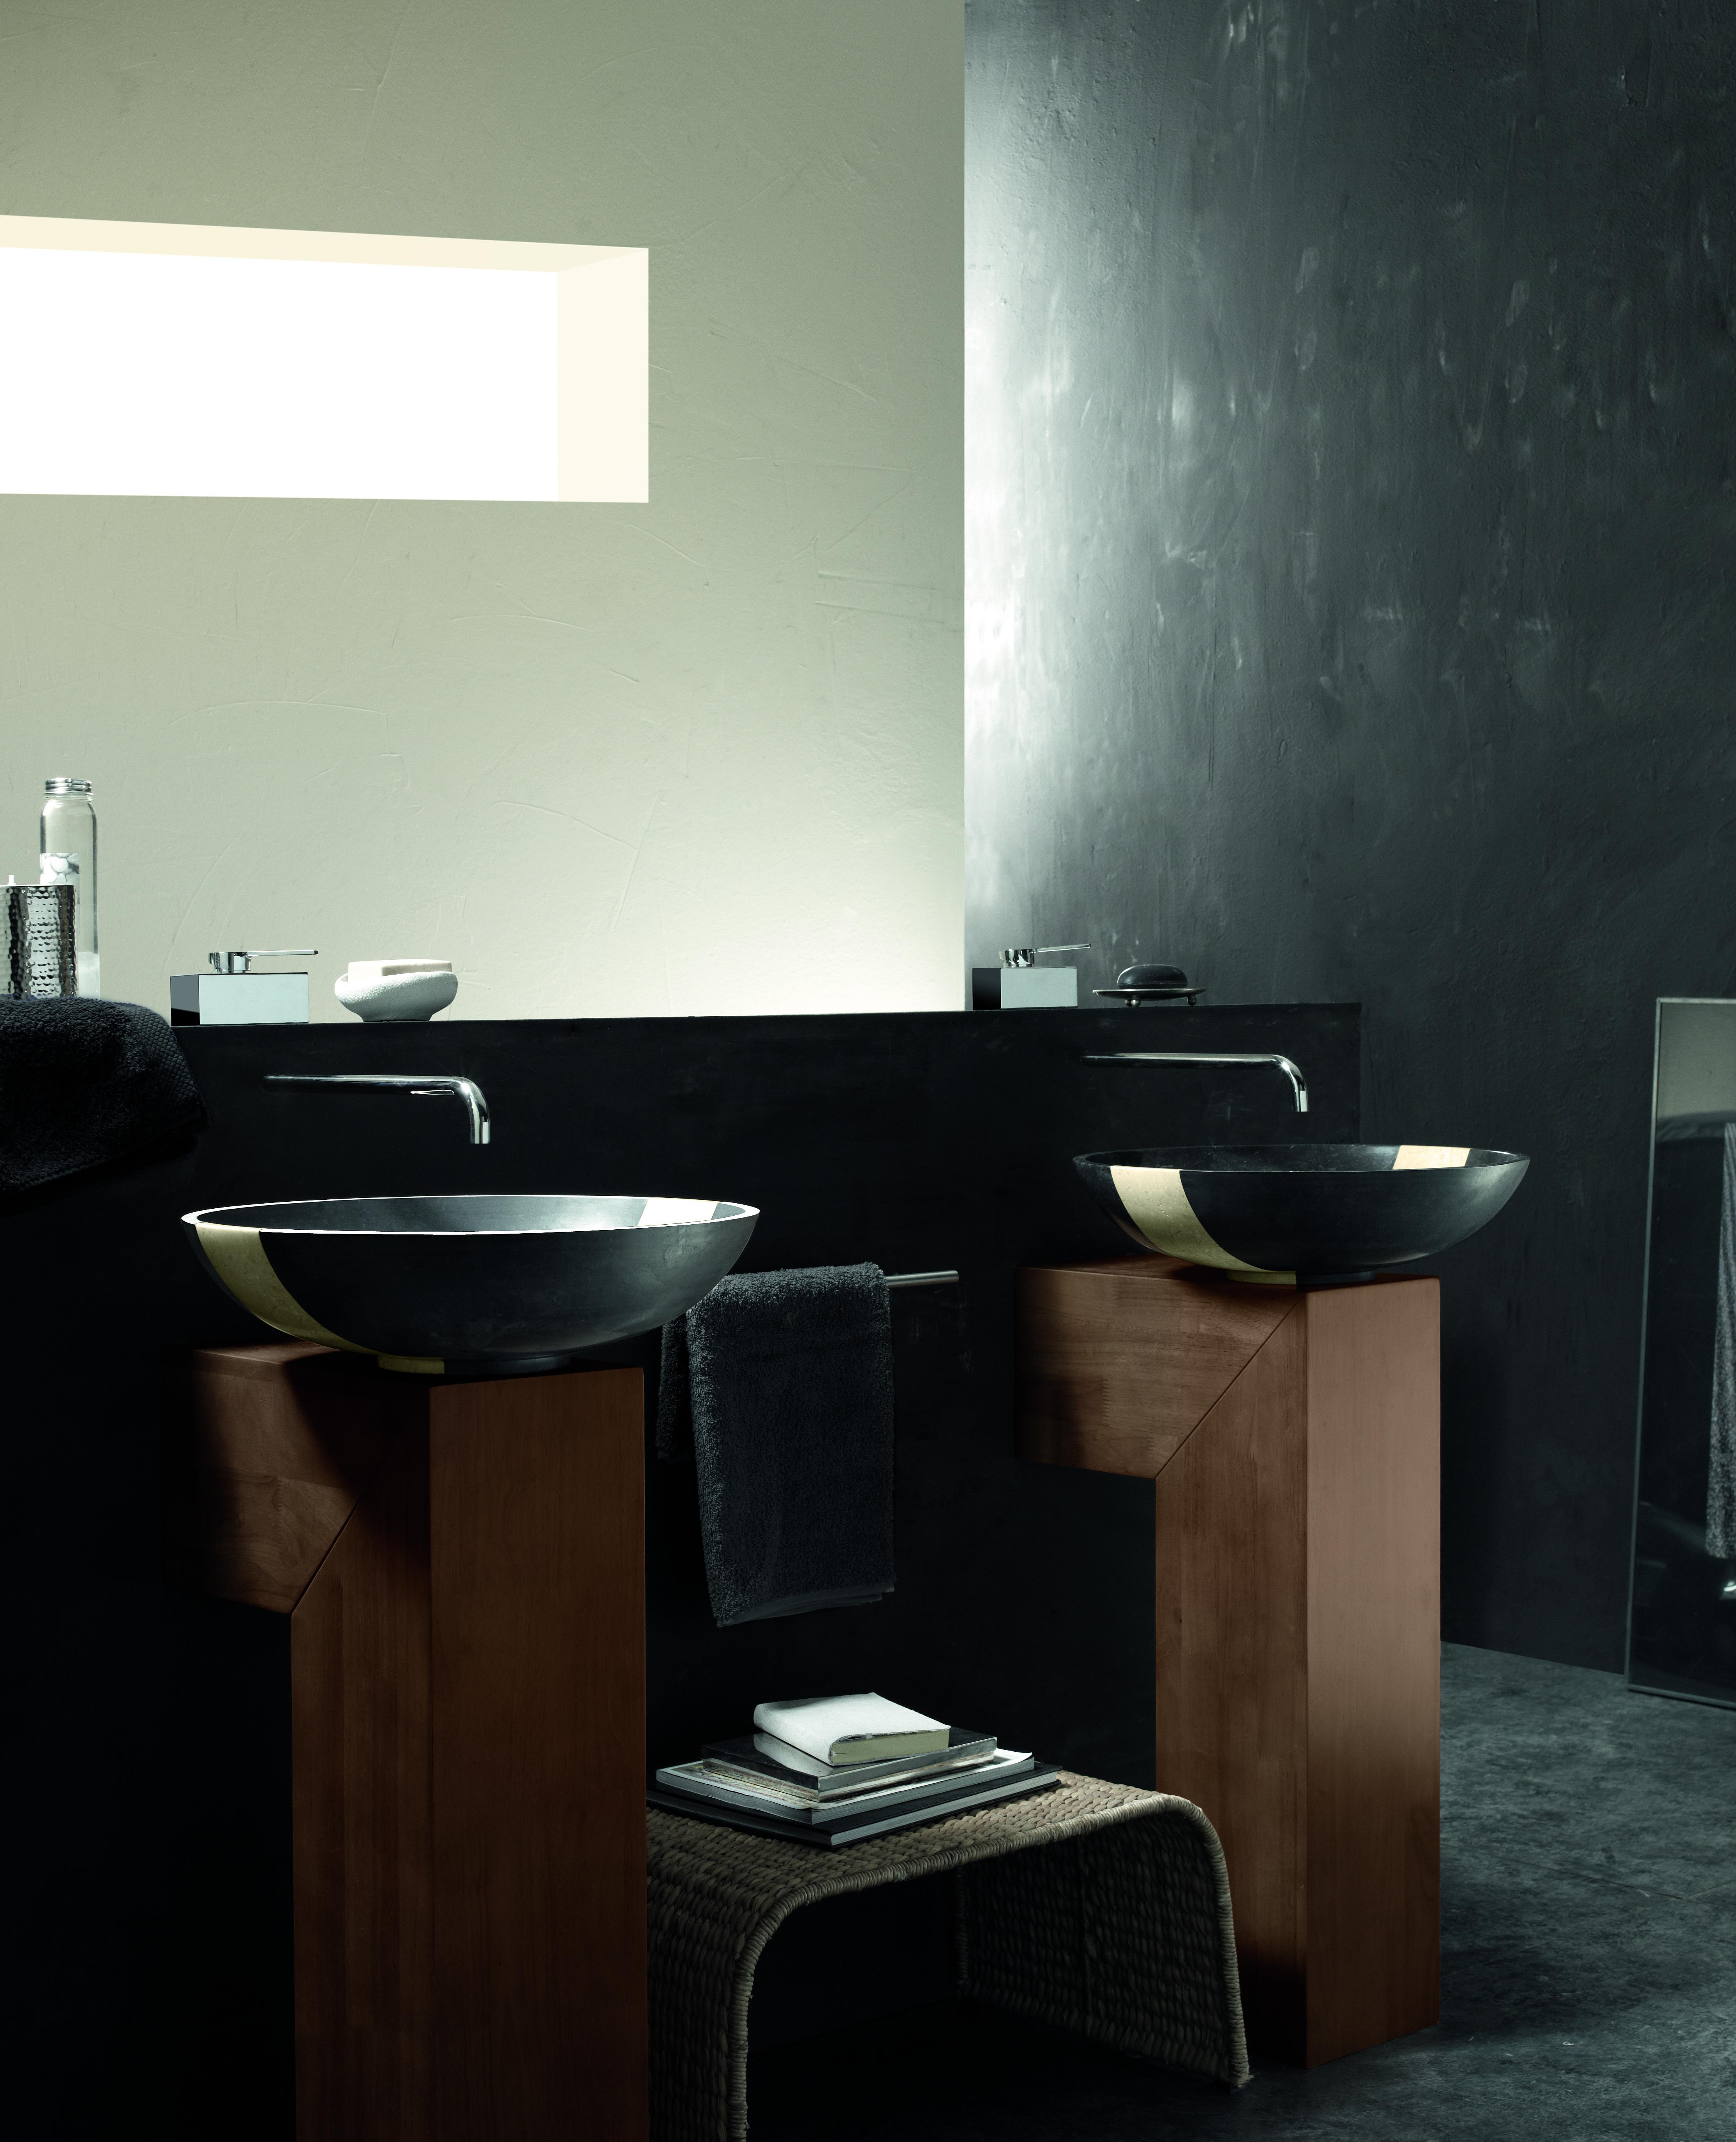 fabricant robinetterie salle de bain Kramer WTS Group I Fabricant français de robinetterie depuis 1981